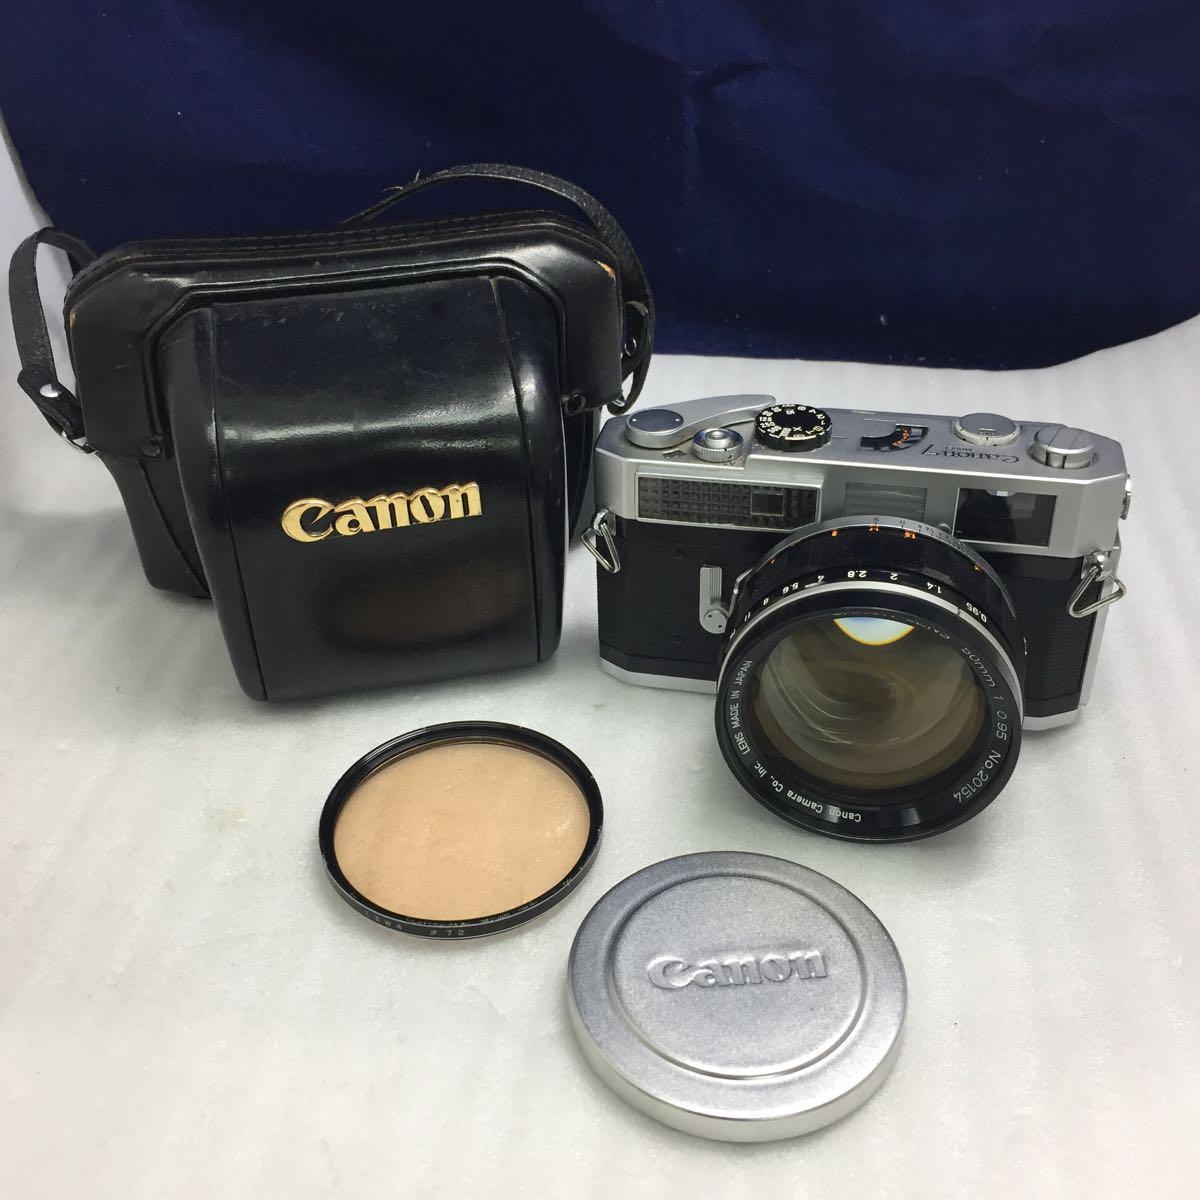 Canon レンジファインダーカメラ Canon 7 レンズ 50mm F0.95 btbt-t